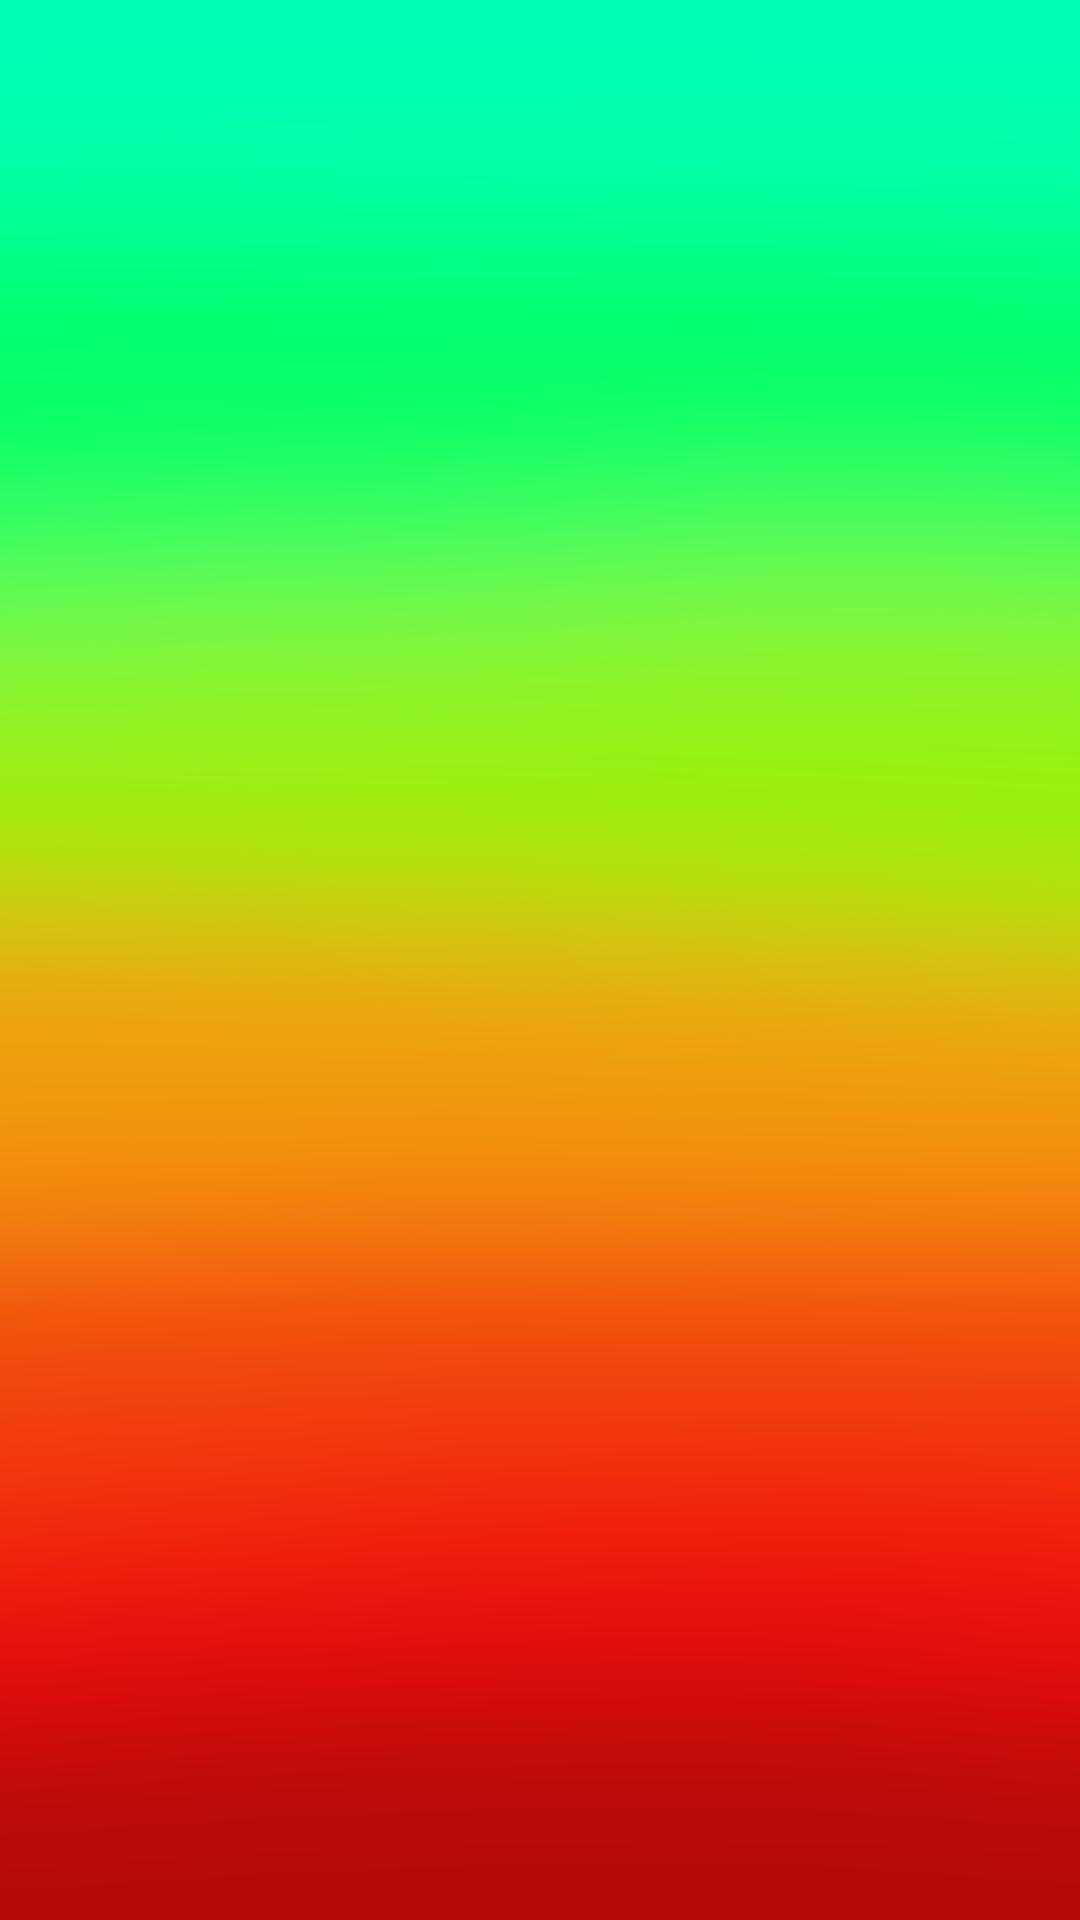 gimp bild opacity 9 - Gimp: Bild mit reduzierter Deckkraft / Opacity erstellen